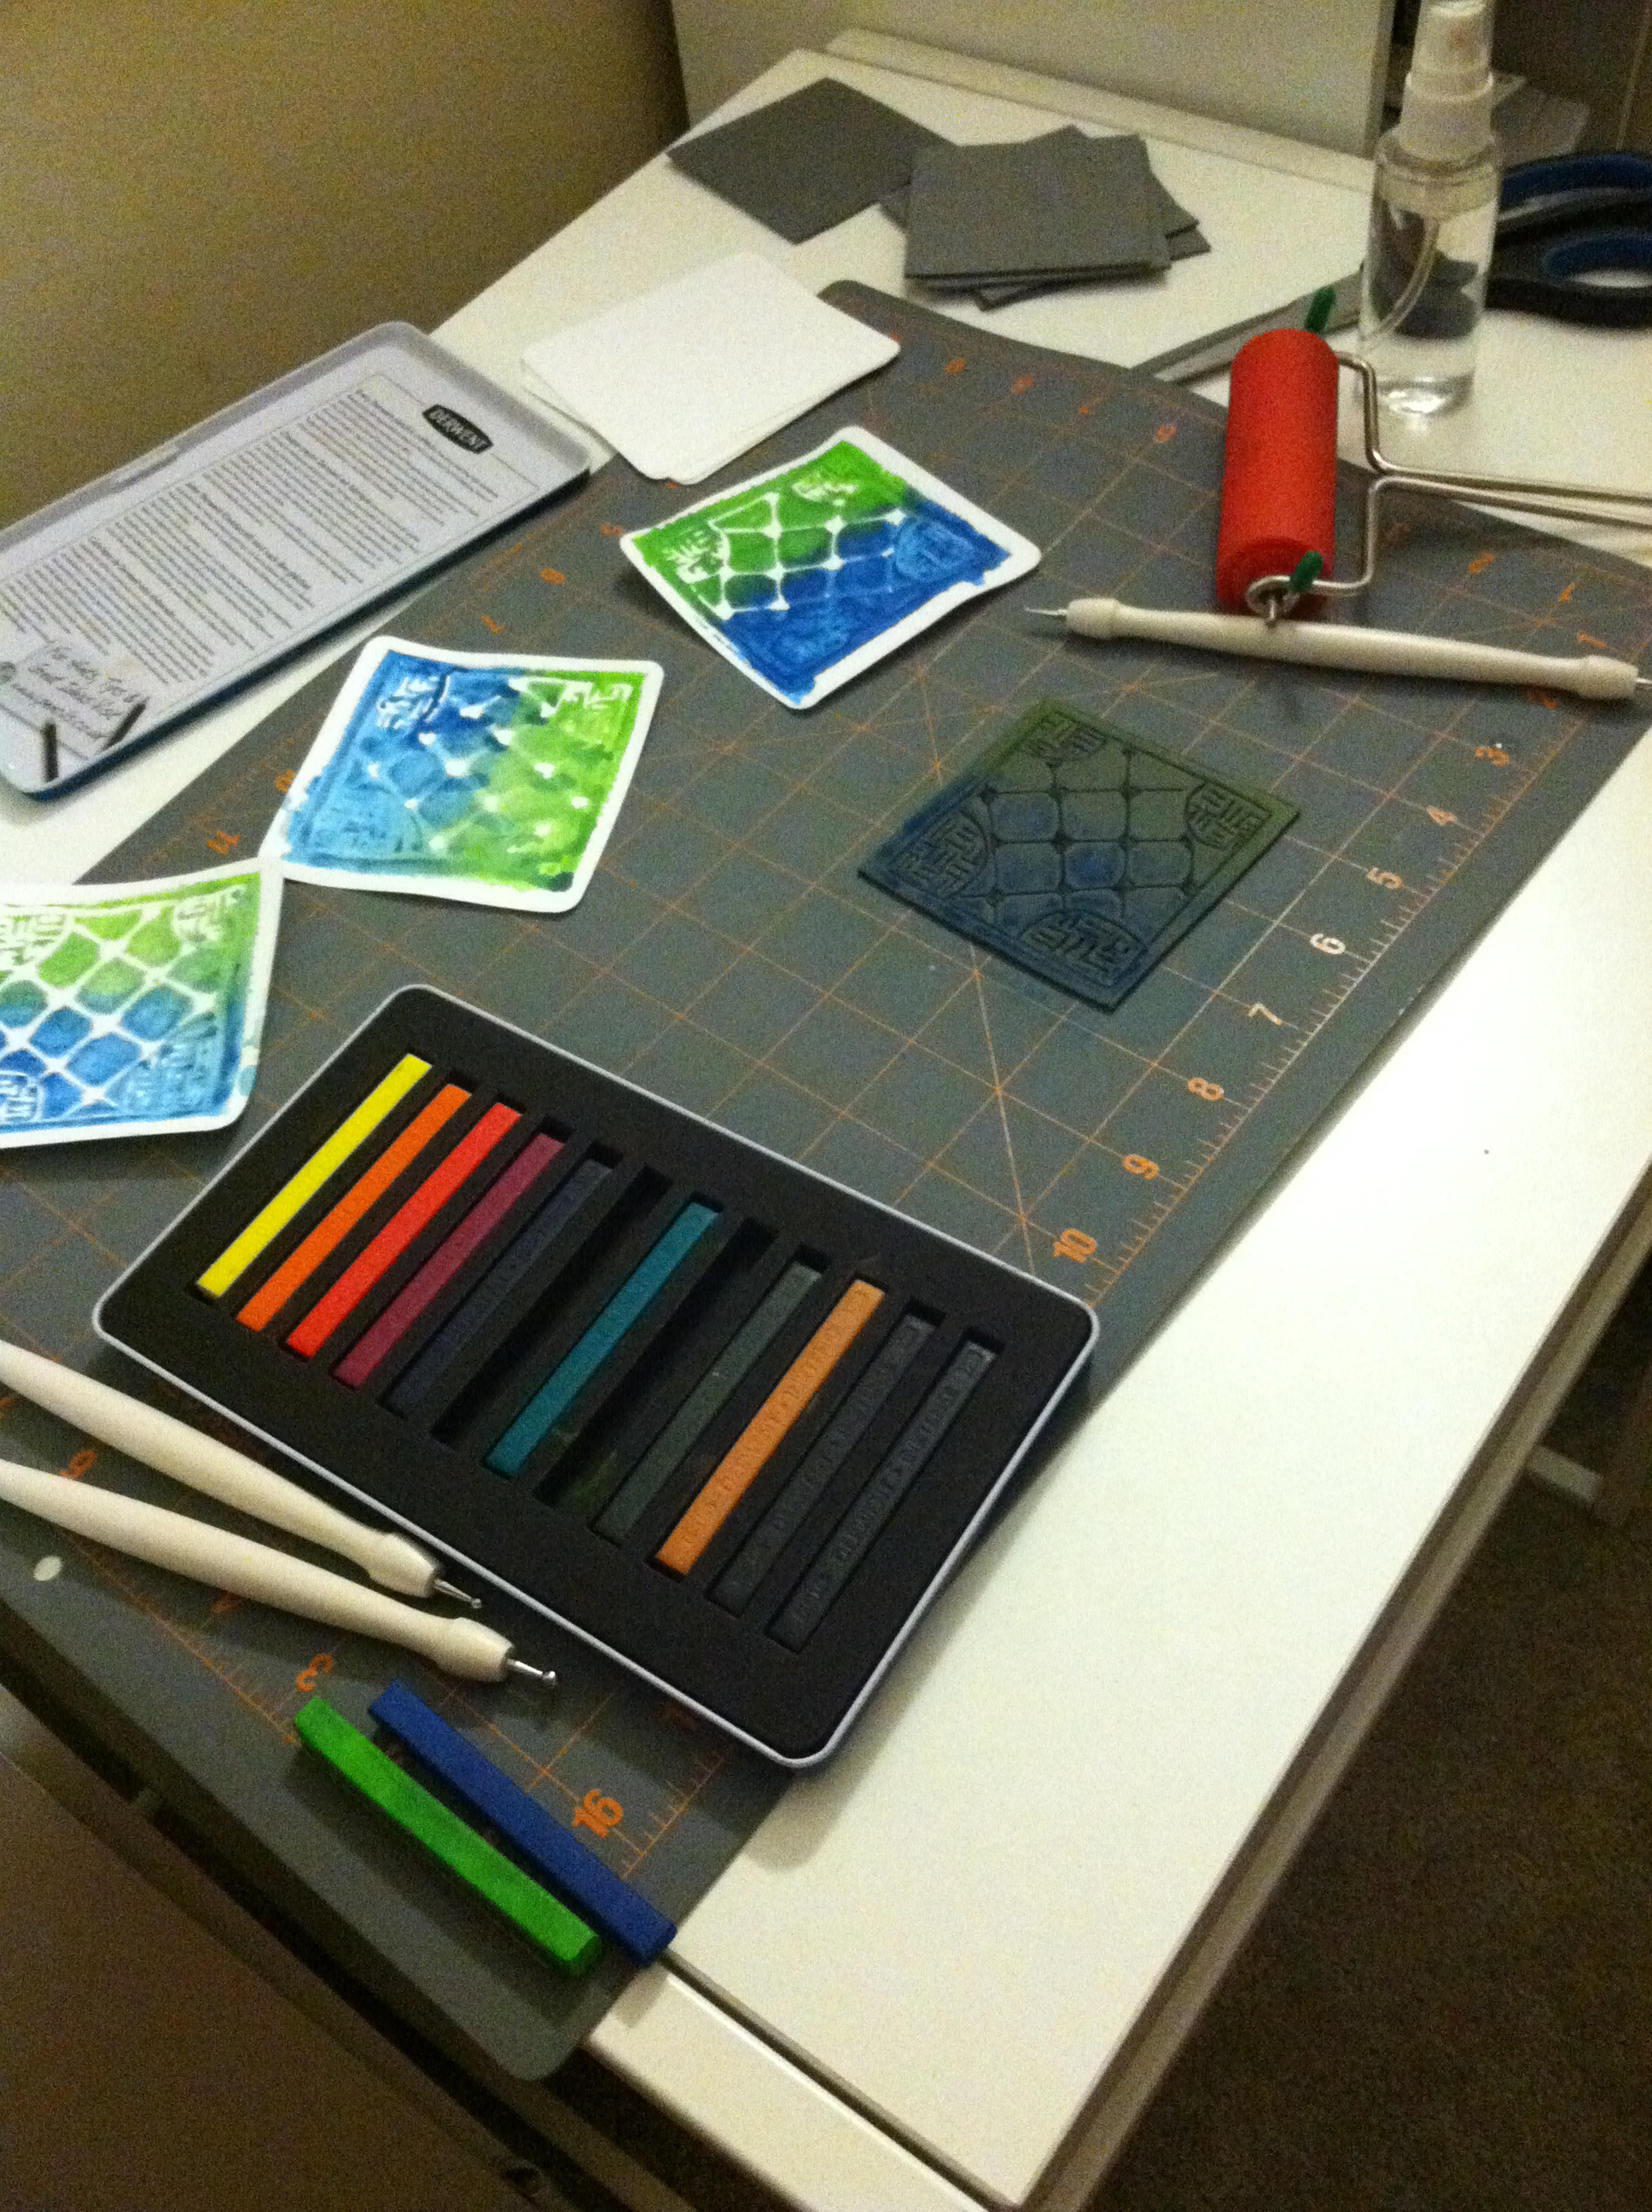 pen u0026 ink u2013 art textiles design denielle noe